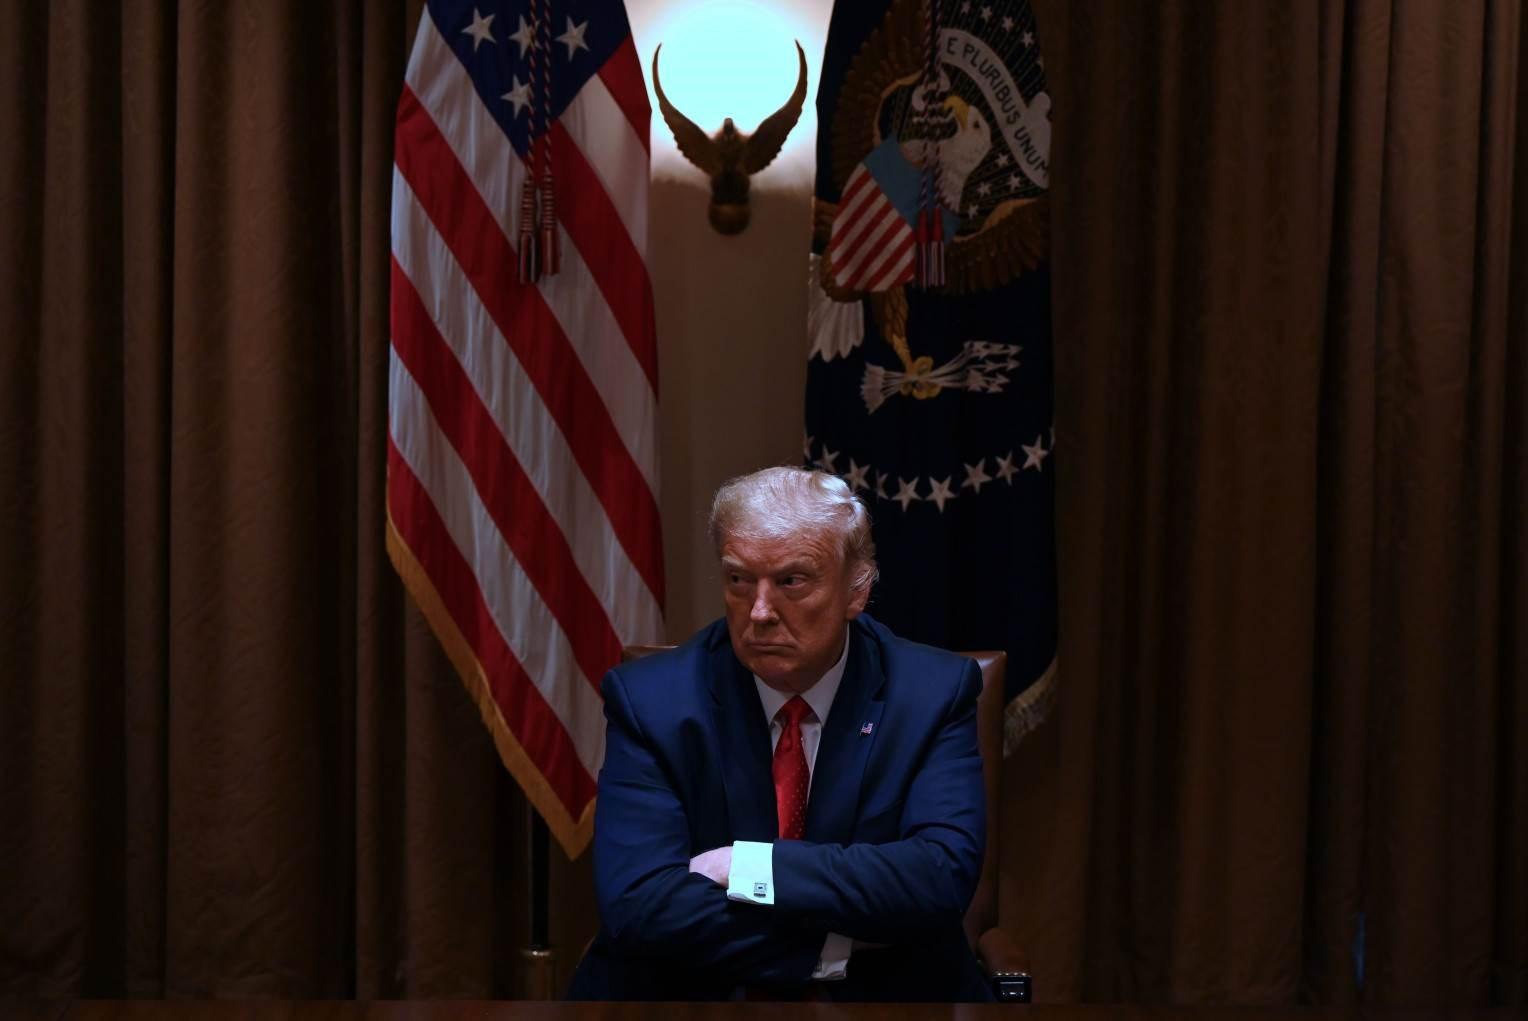 ترامب قوّض شراكات وتحالفات الولايات المتحدة التي بنتها خلال عقود.